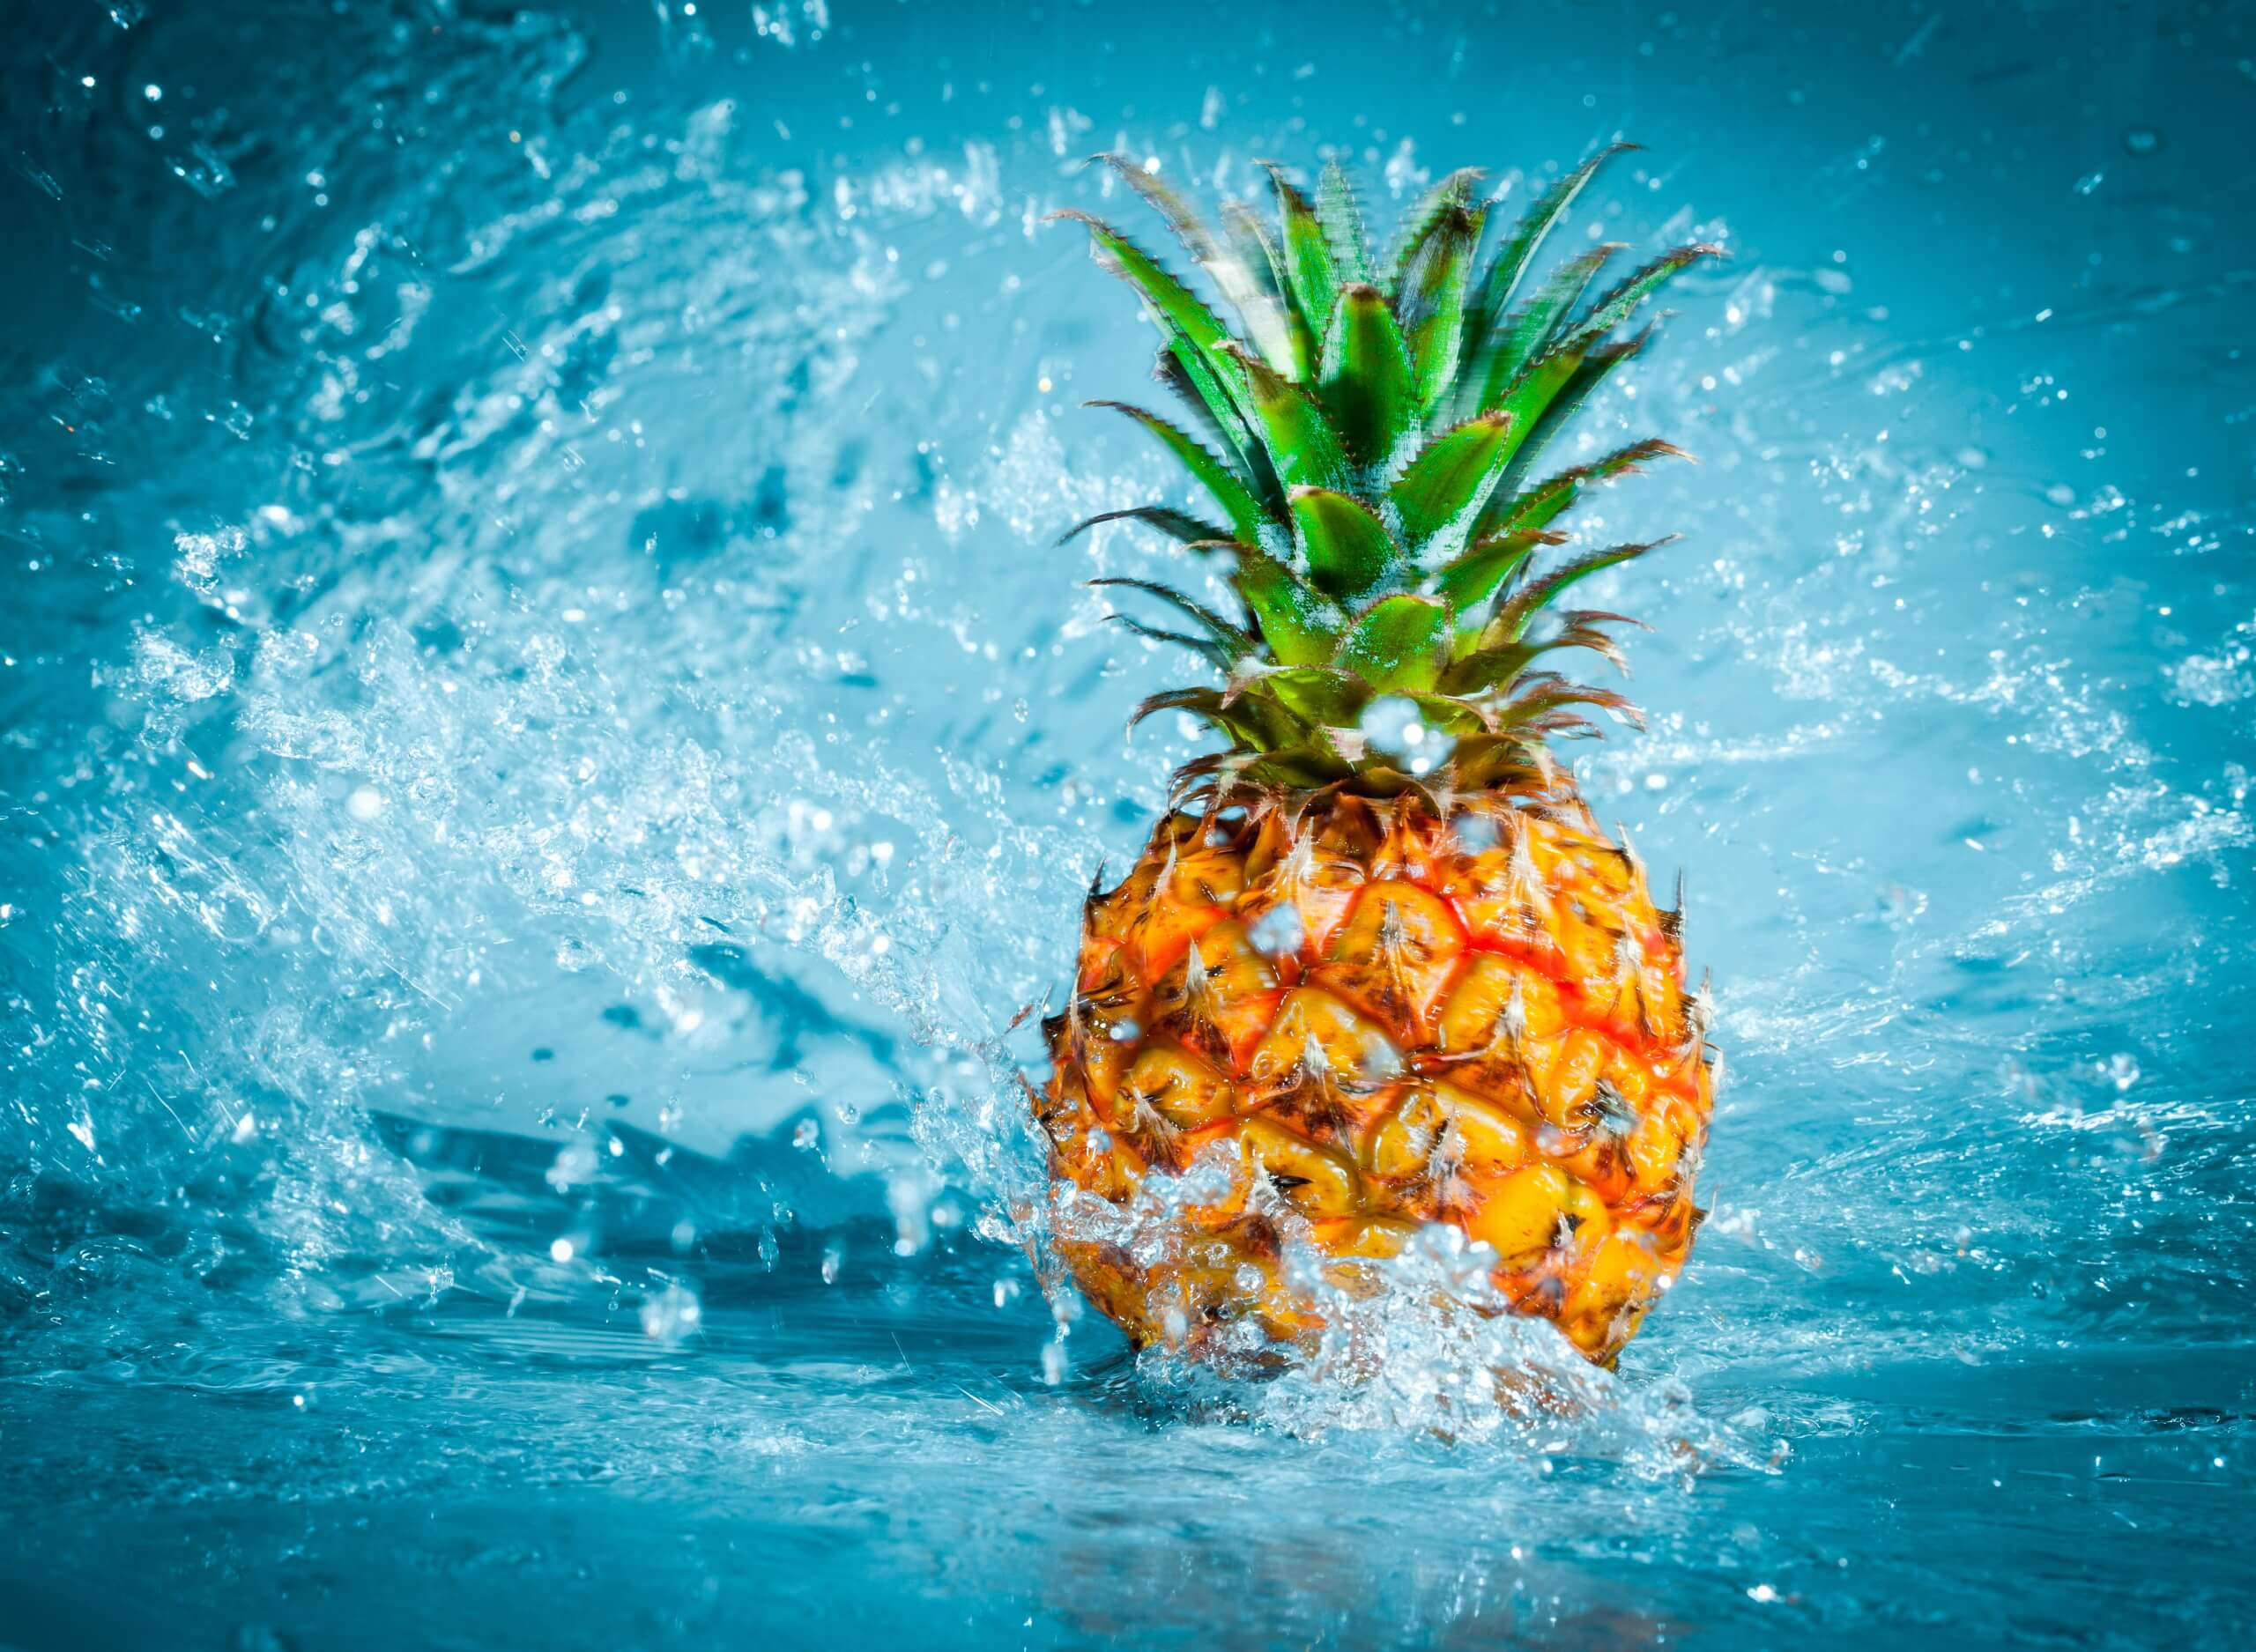 Красивые и прикольные картинки, обои ананаса - подборка 2018 7